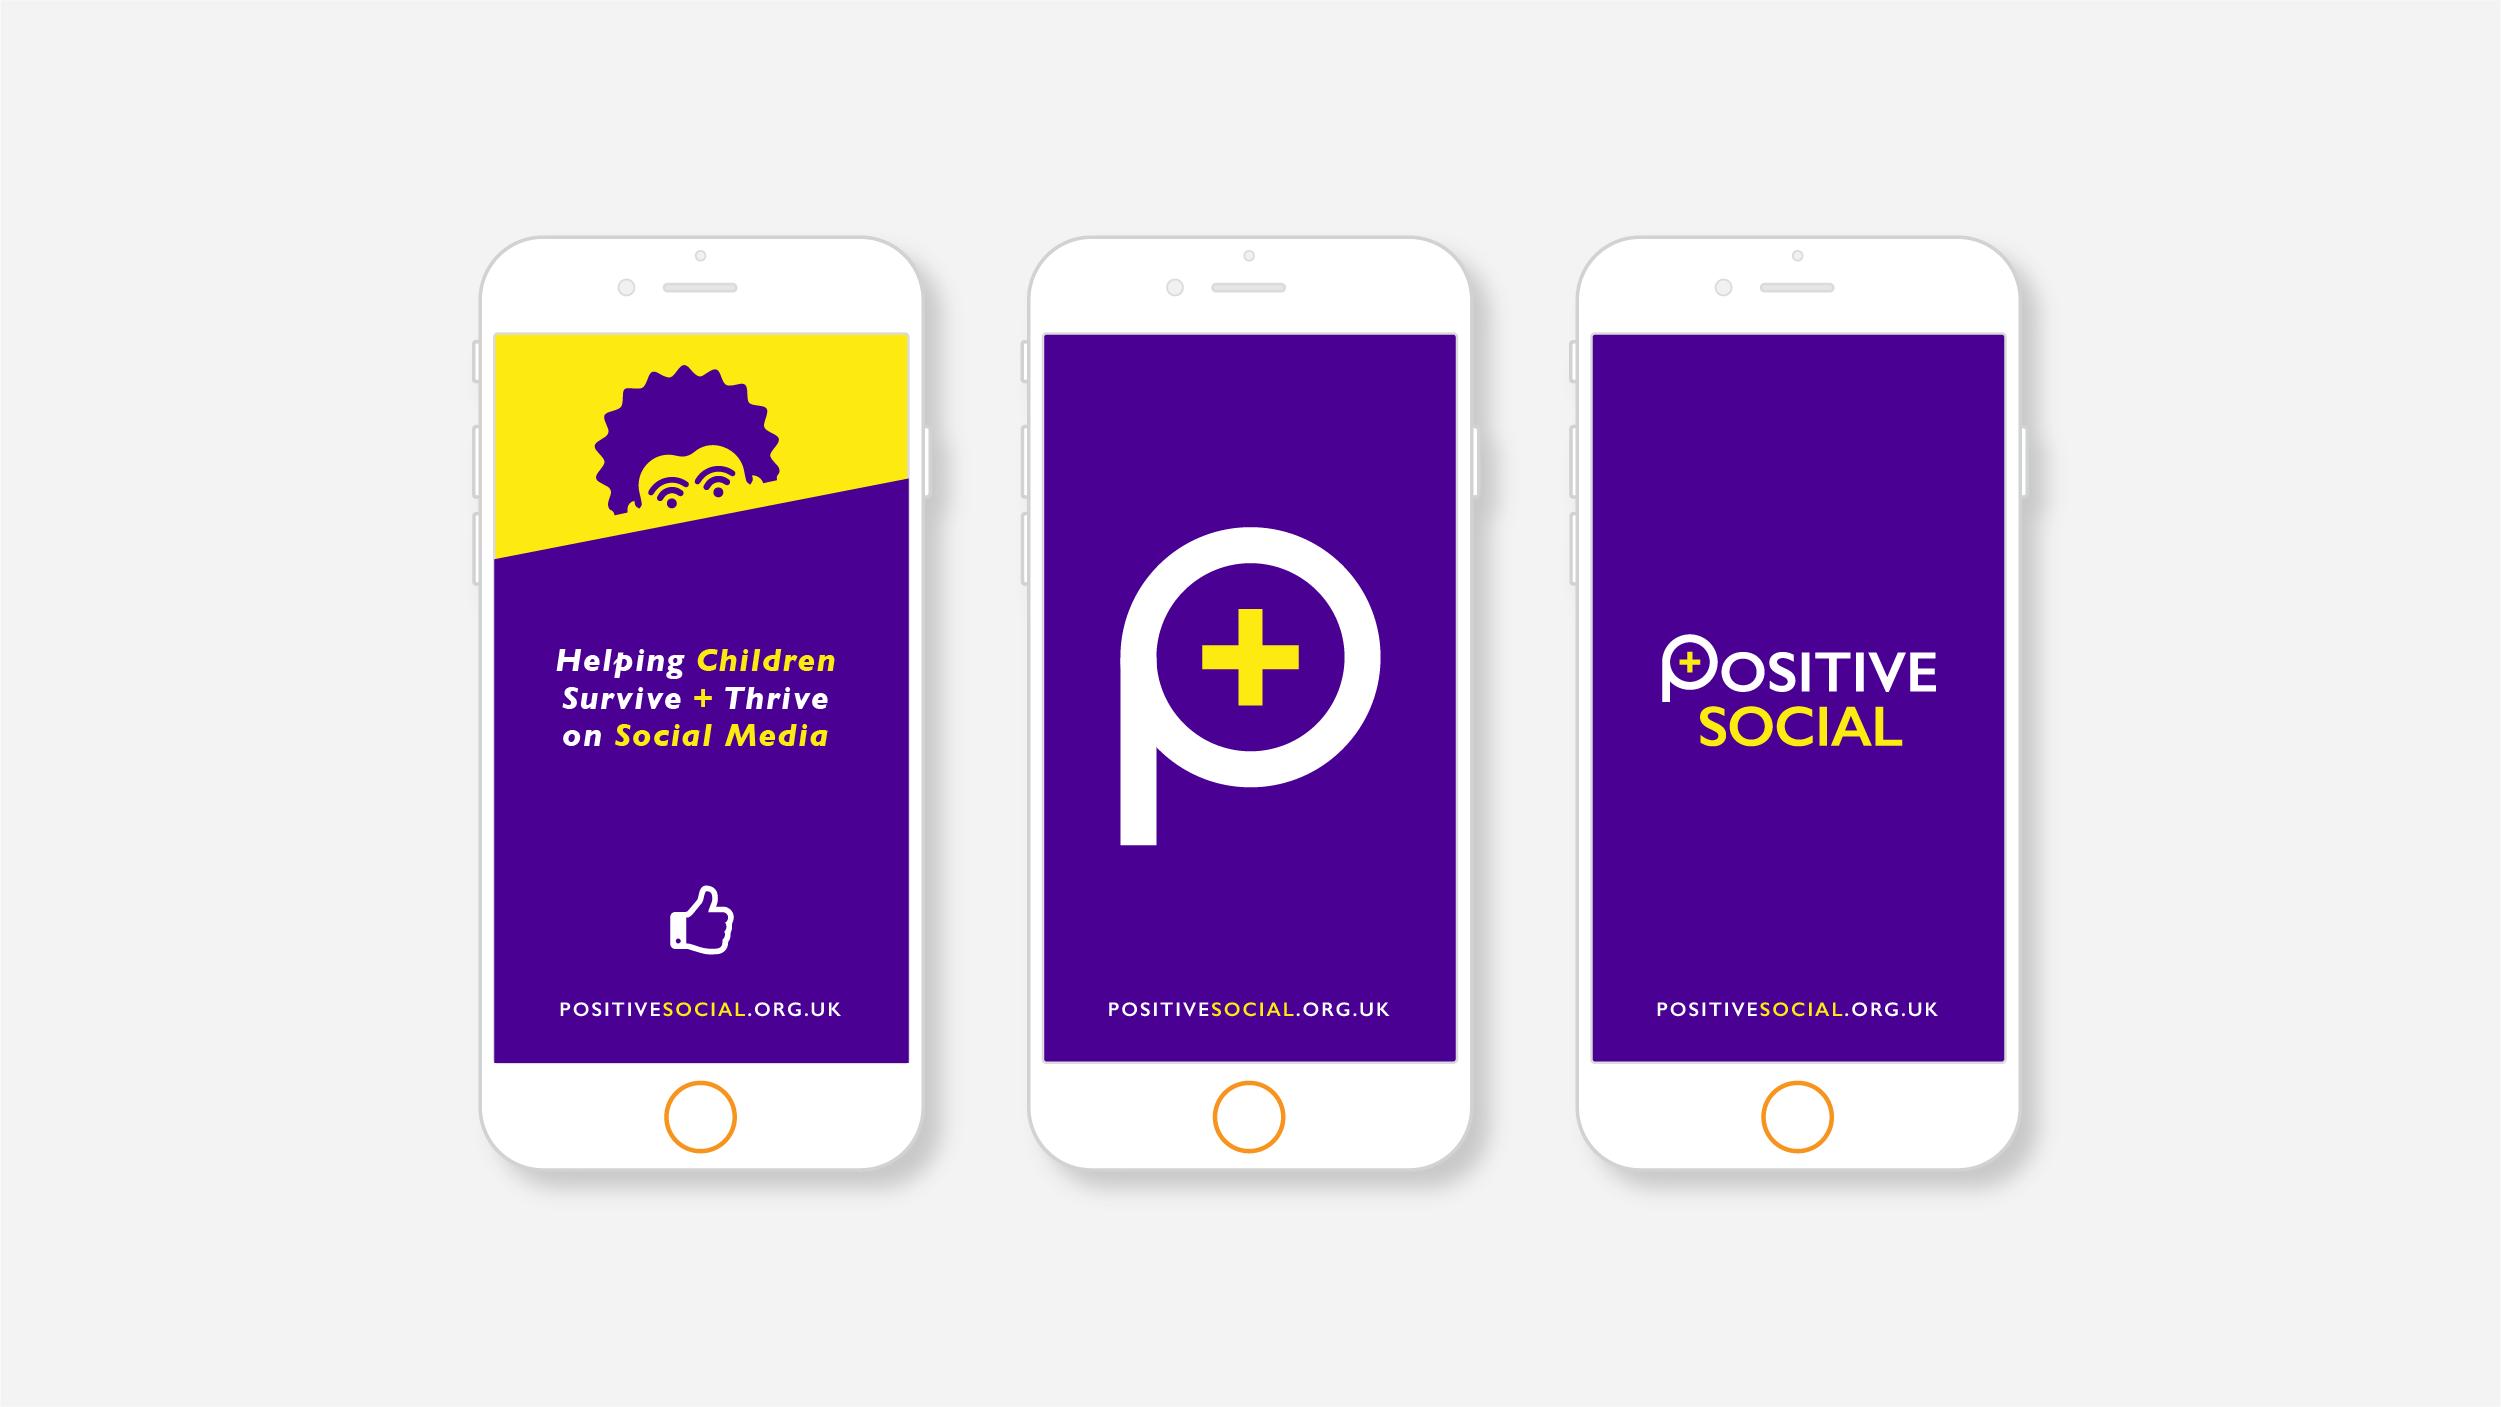 Positive Social Branding on Mobile Screens